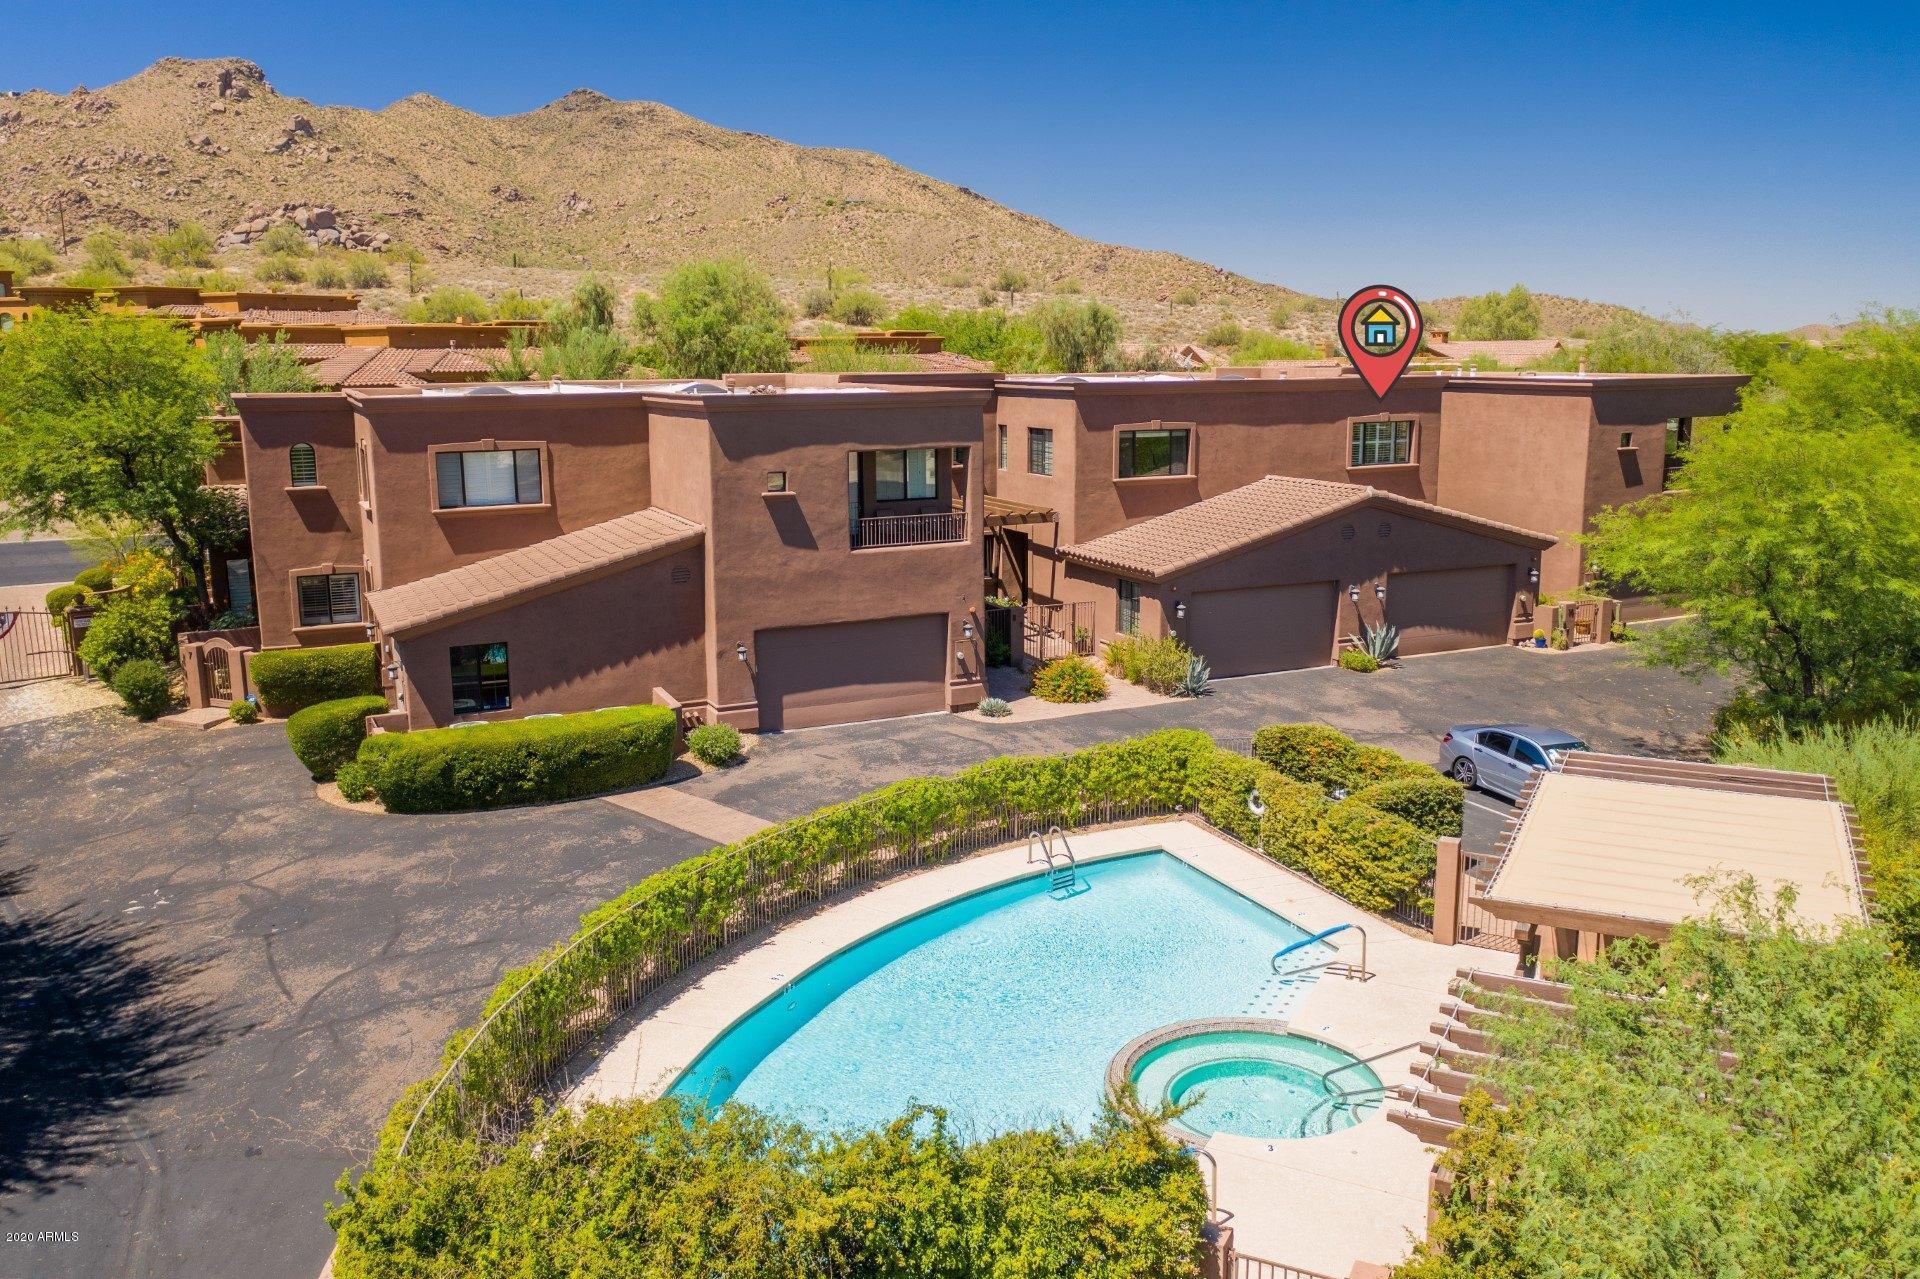 Photo of 7200 E Ridgeview Place #10, Carefree, AZ 85377